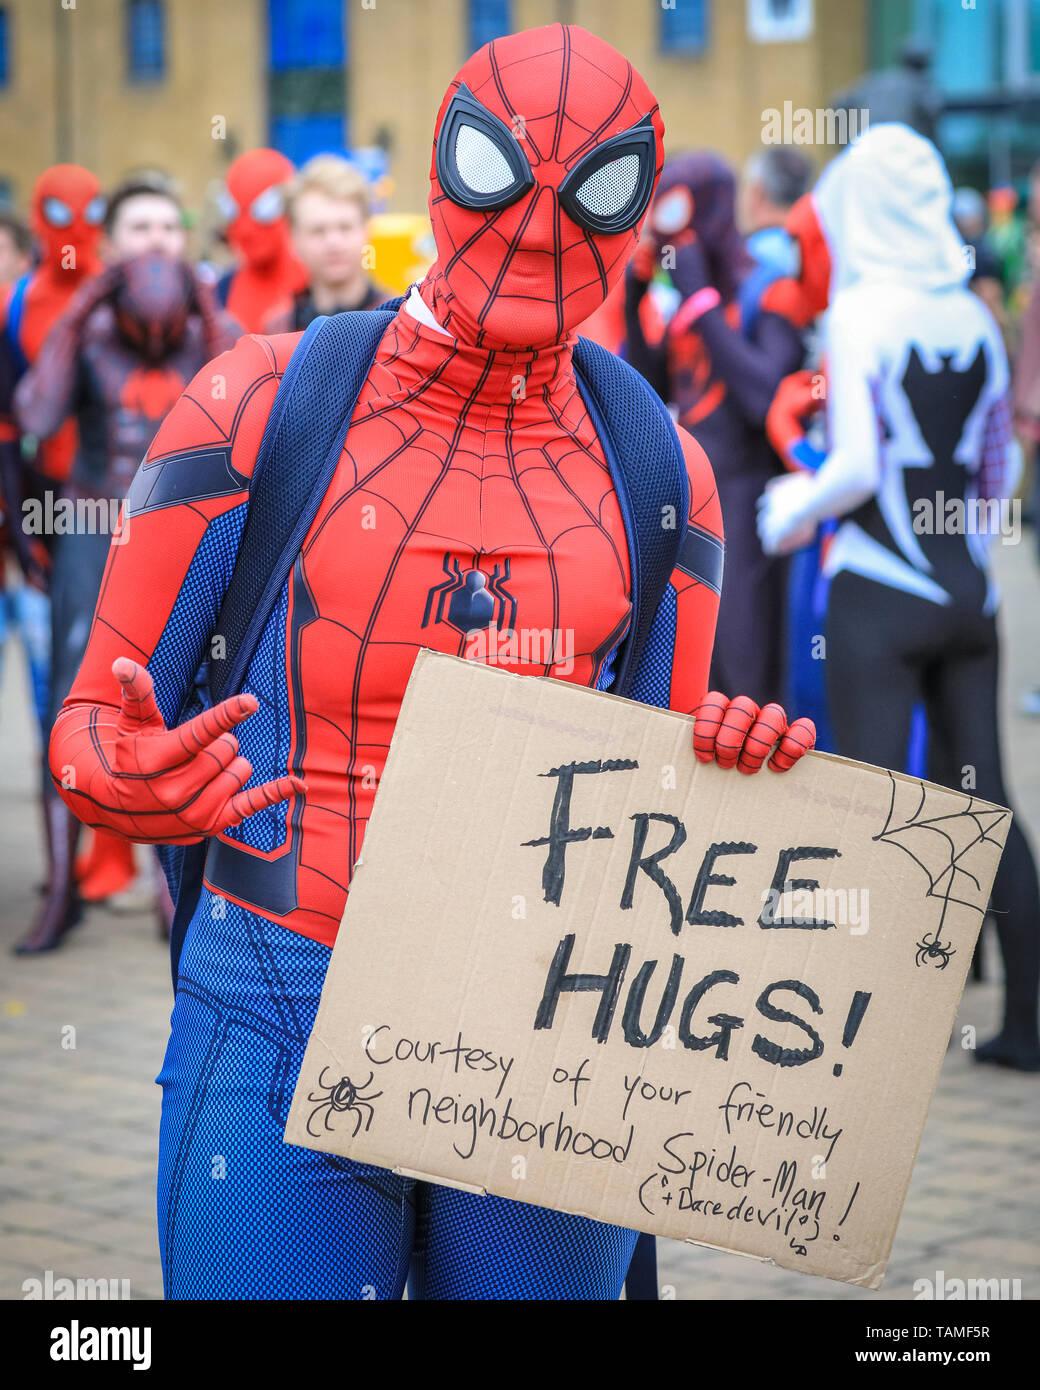 """Londres, Royaume-Uni. 26 mai, 2019. Accolades fraternelles de votre quartier sympathique Spiderman! Un groupe d'amis plus de trente Spidermen et Spiderwomen à partir d'un groupe de médias sociaux appelé 'spider-Verse"""" posent d'une tempête et d'avoir du plaisir lors de l'événement. Du Comicon MCM troisième et dernière journée une fois de plus, voit des milliers de cosplayeurs et fans de comics, de jeux et de fantaisie et sci fi tourner jusqu'en costumes et tenues à ExCel London pour célébrer leurs personnages préférés. Credit: Imageplotter/Alamy Live News Banque D'Images"""